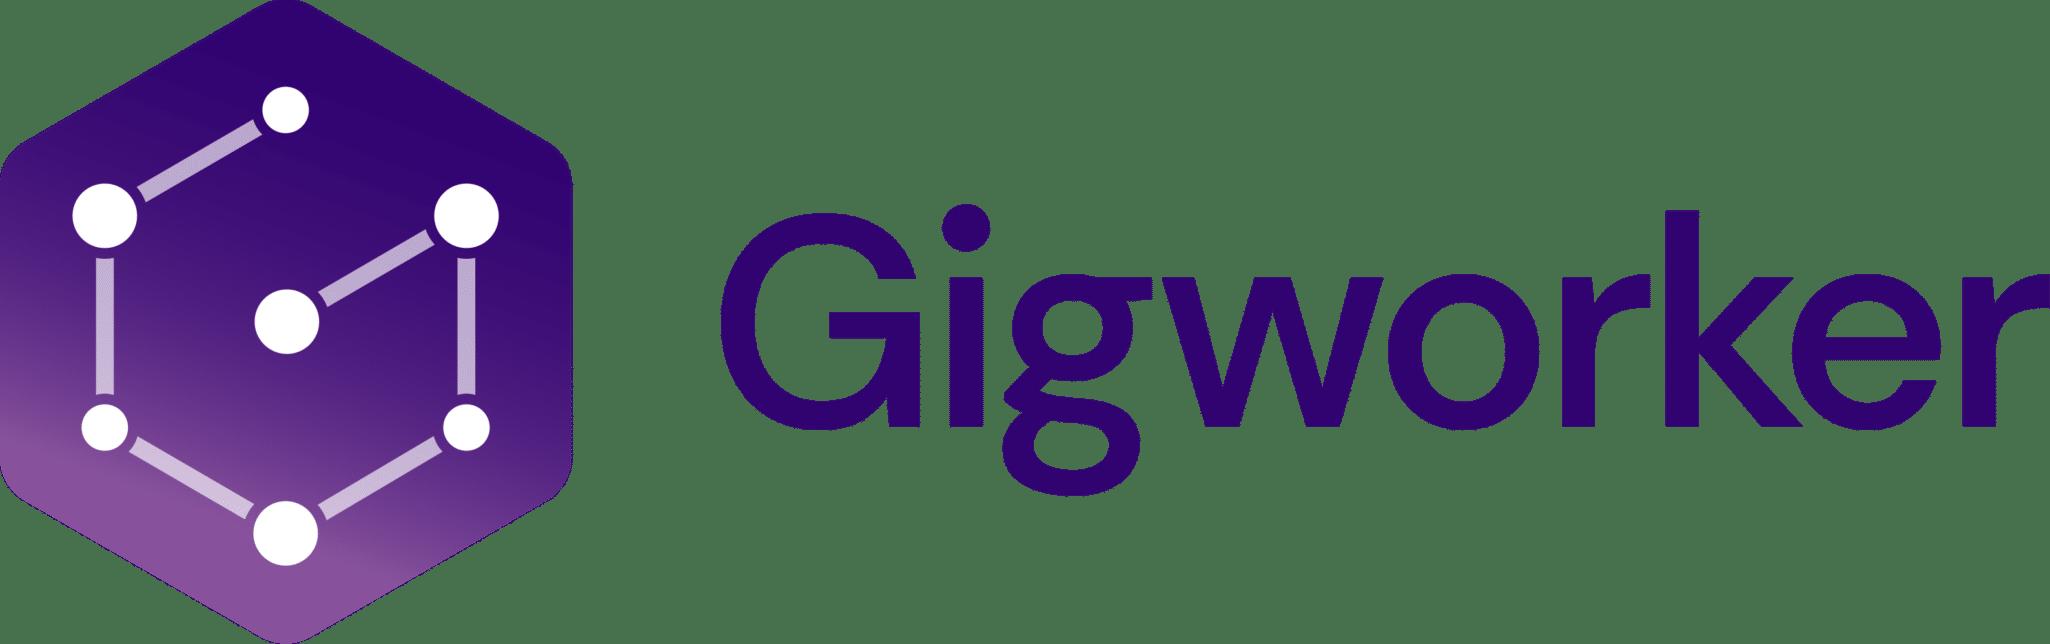 Gigworker.com